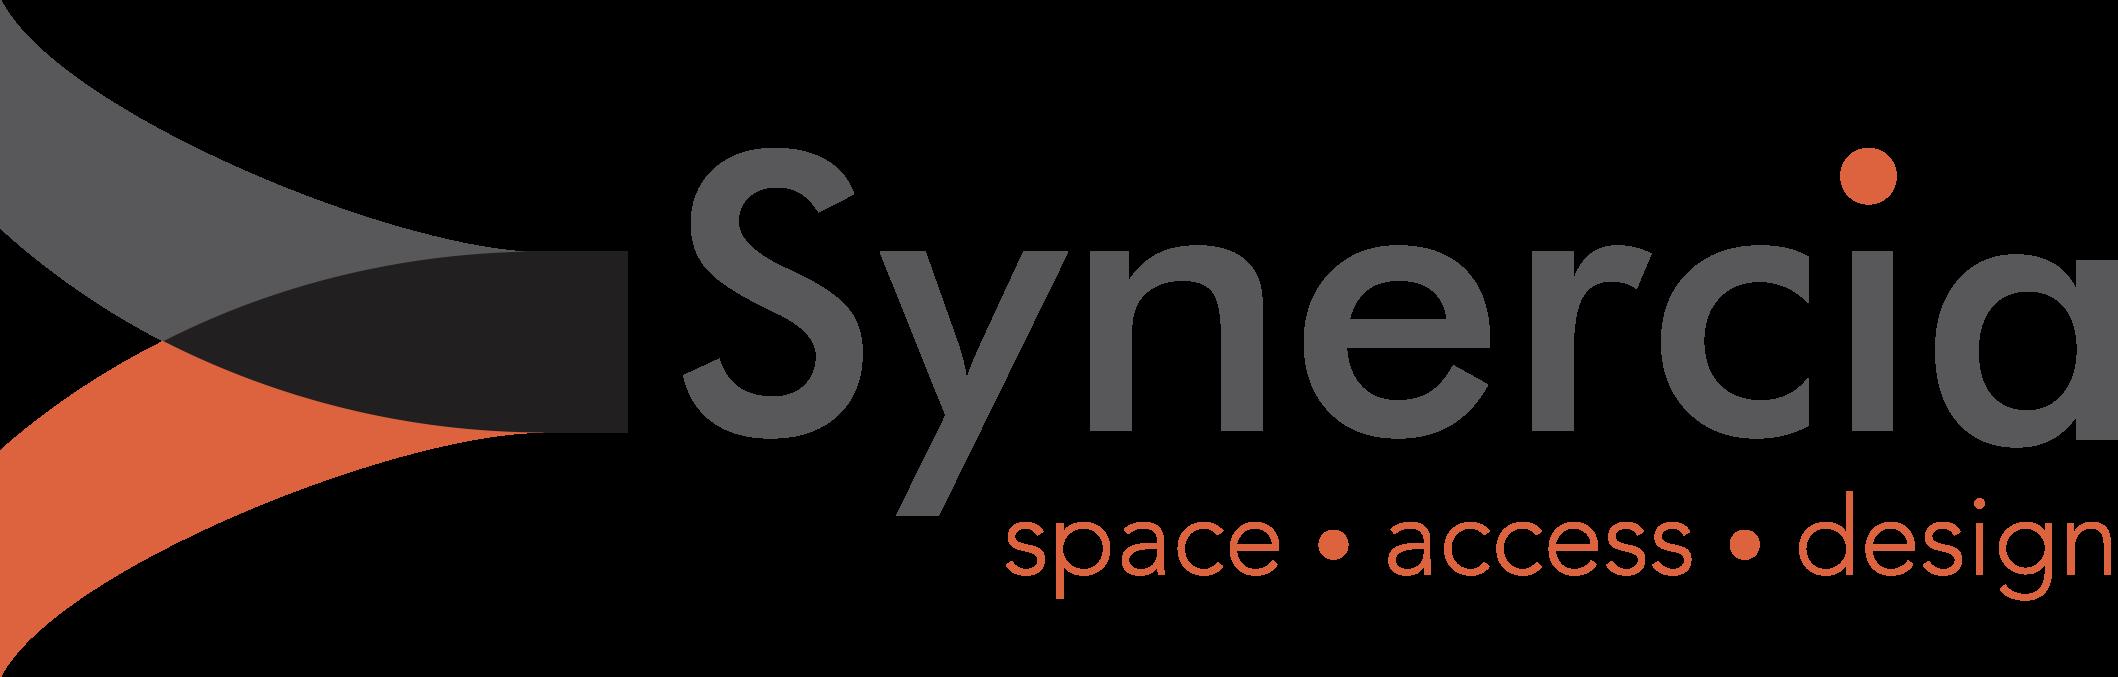 Synercia